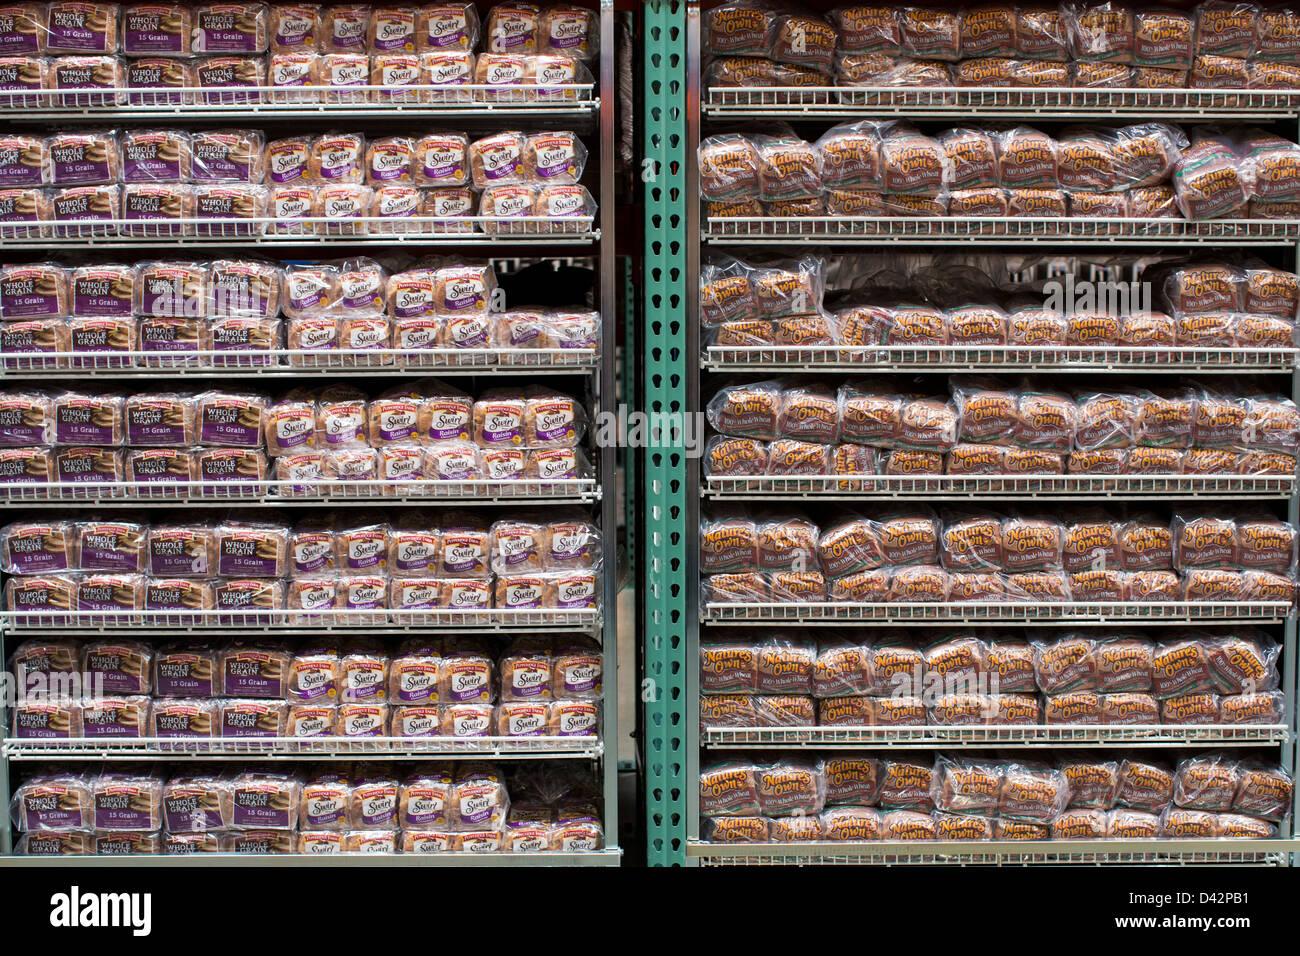 Pepperidge Farm grano intero e la natura della propria miele pane di grano sul visualizzatore in corrispondenza Immagini Stock